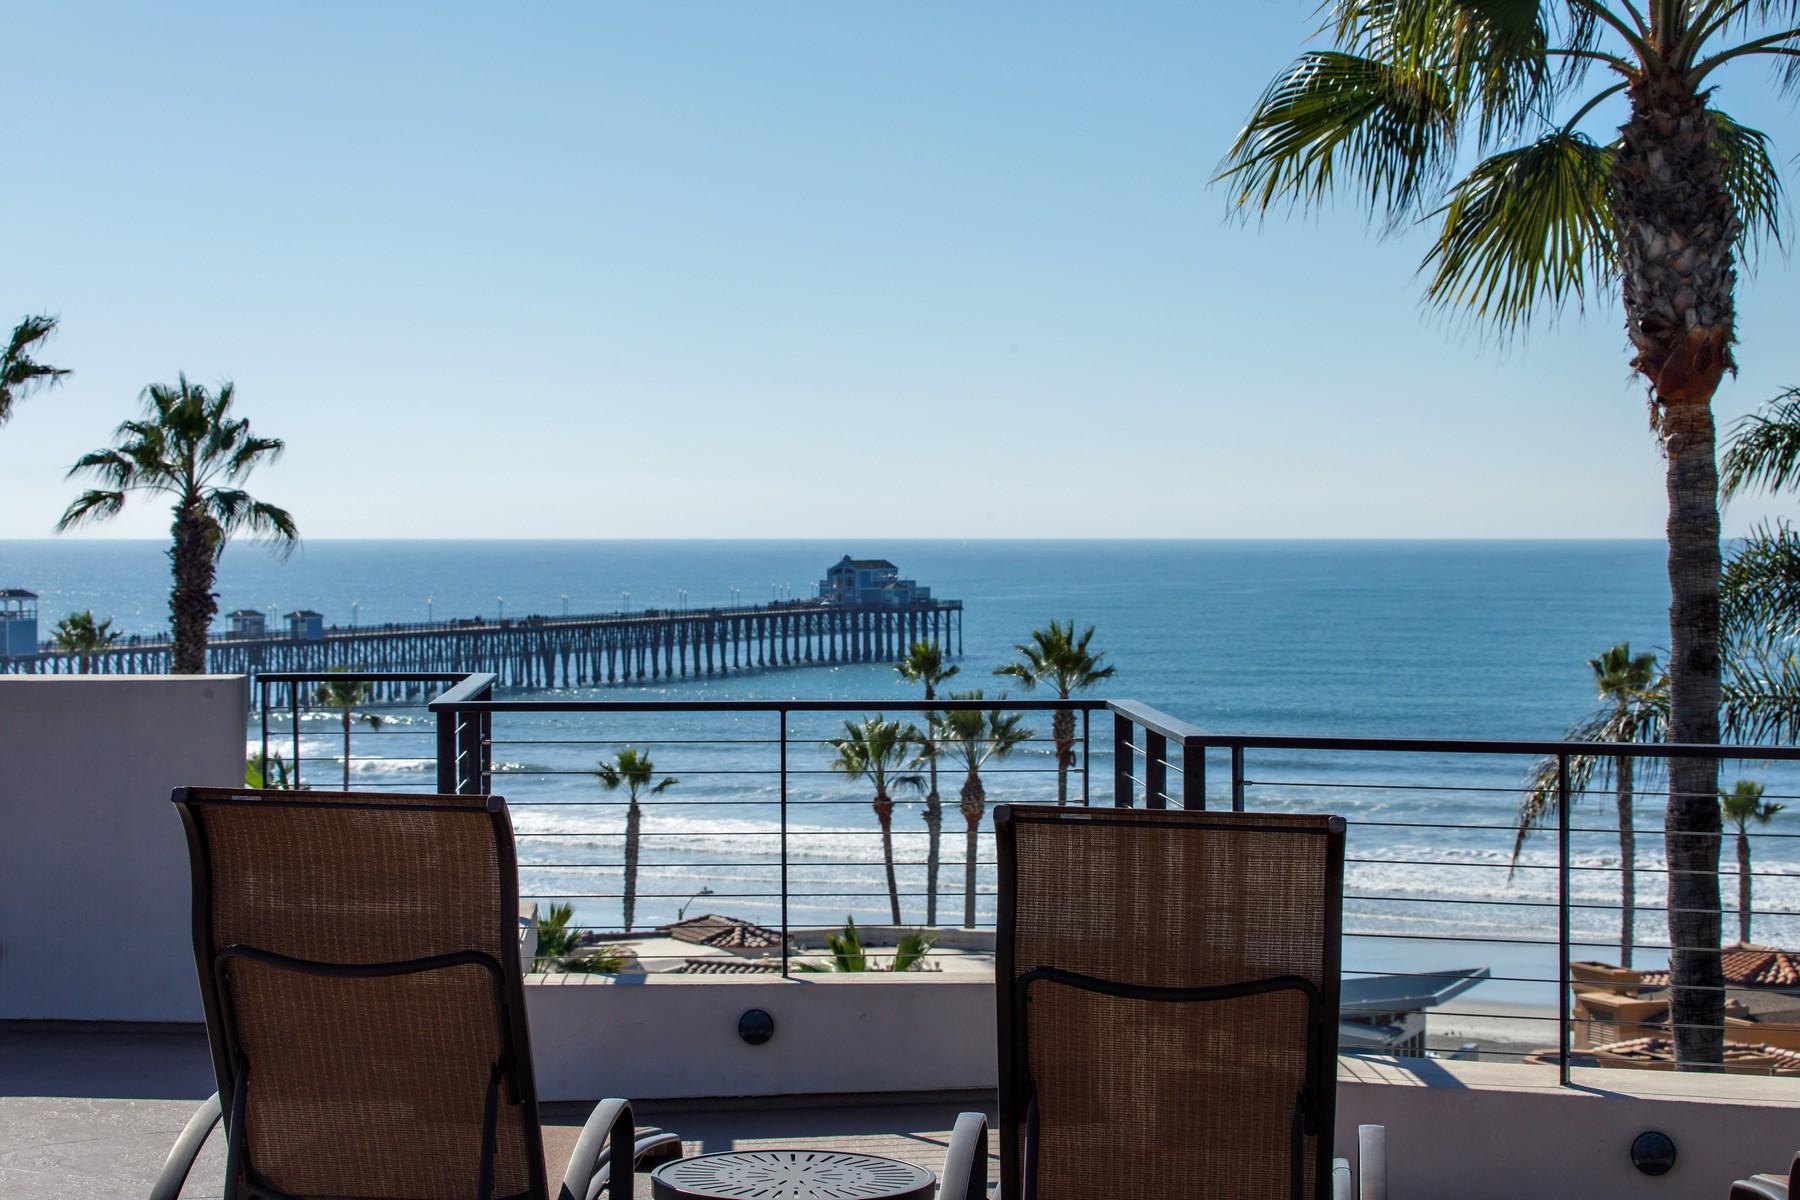 Eigentumswohnung für Verkauf beim 100 Sportfisher Drive, Unit 204 100 Sportfisher Drive Unit 204 Oceanside, Kalifornien 92054 Vereinigte Staaten